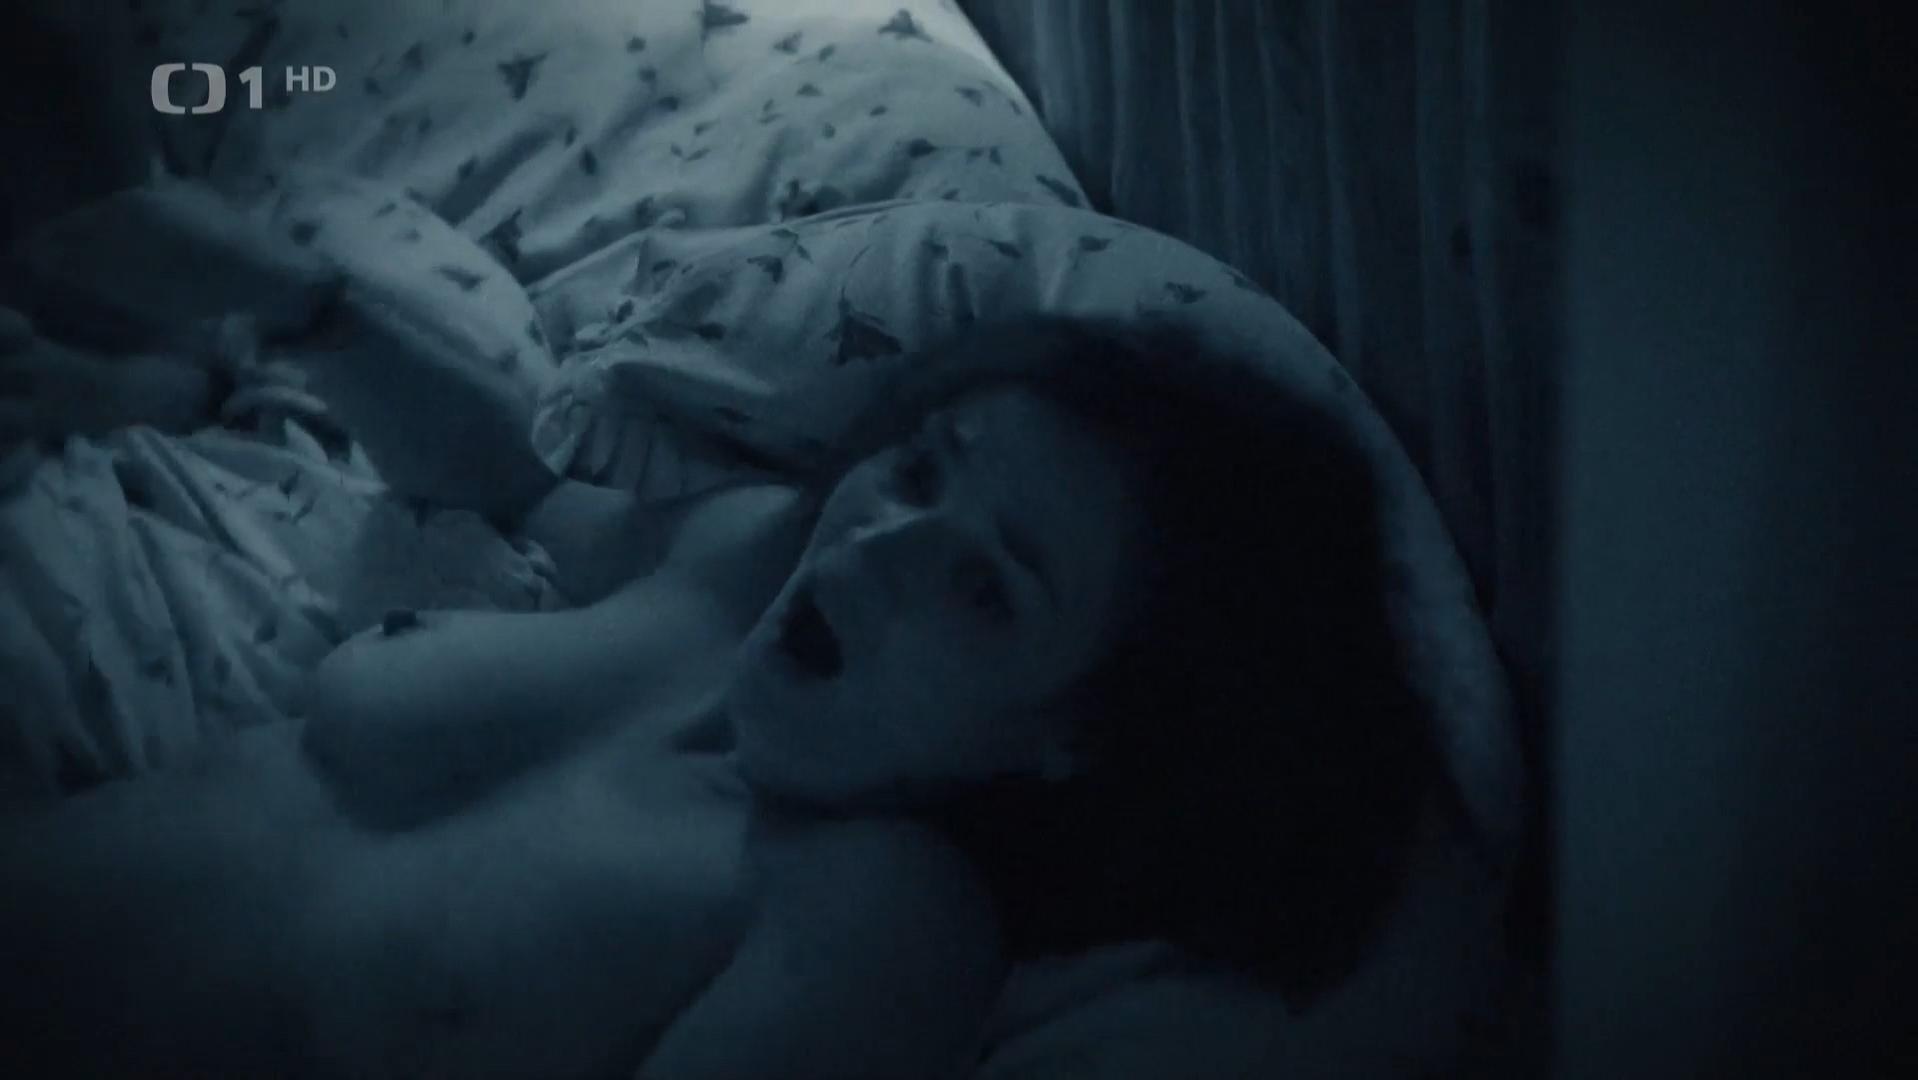 Martina Preissova nude - Rapl s01e09 (2016)